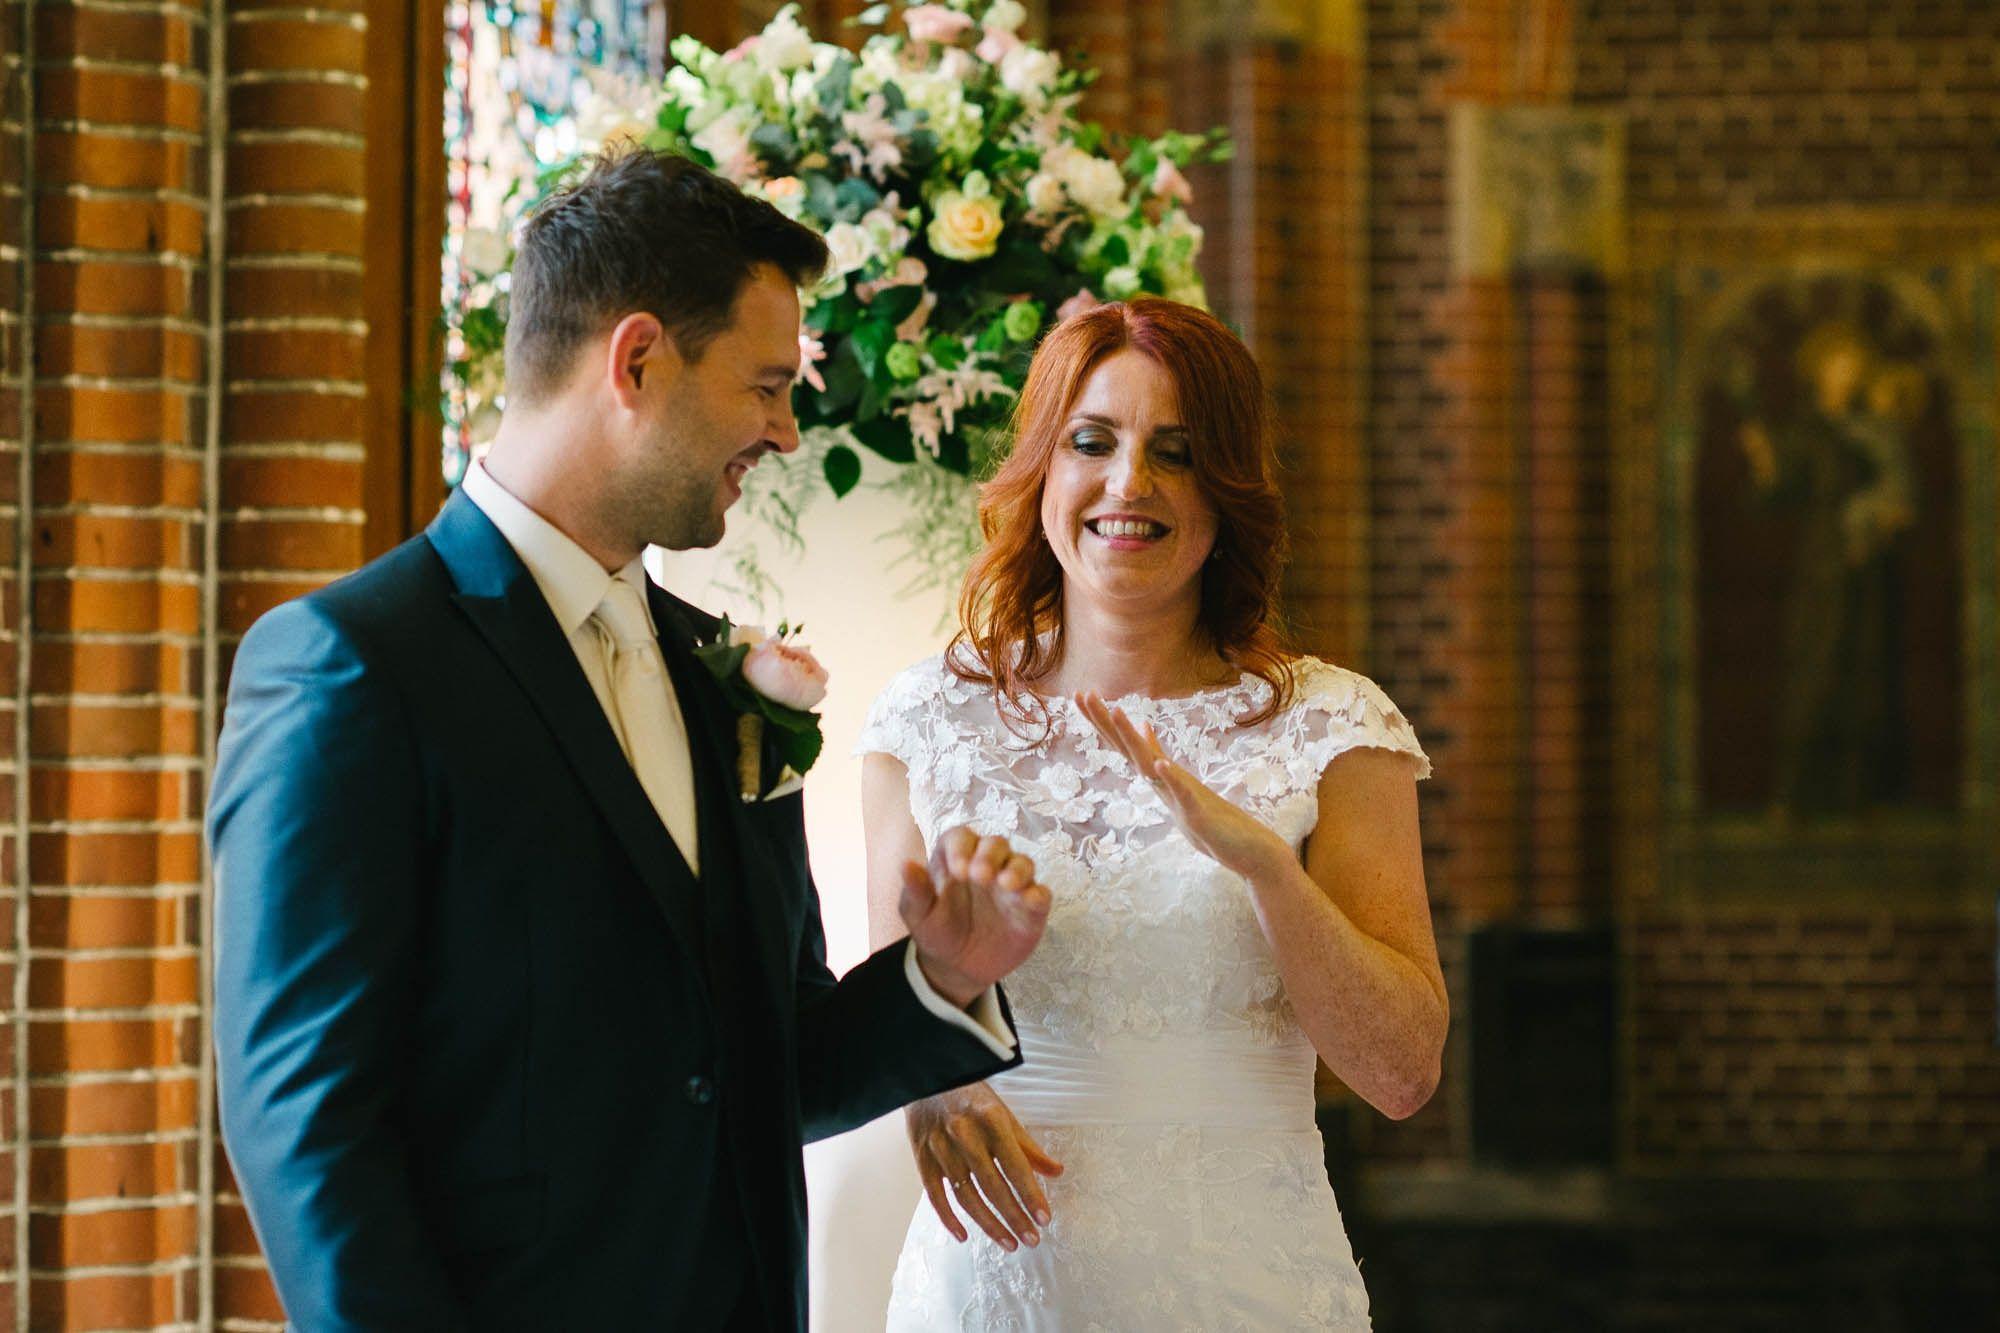 Bruidsfotograaf-Sittard-journalistieke-bruidsfotografie-037.jpg